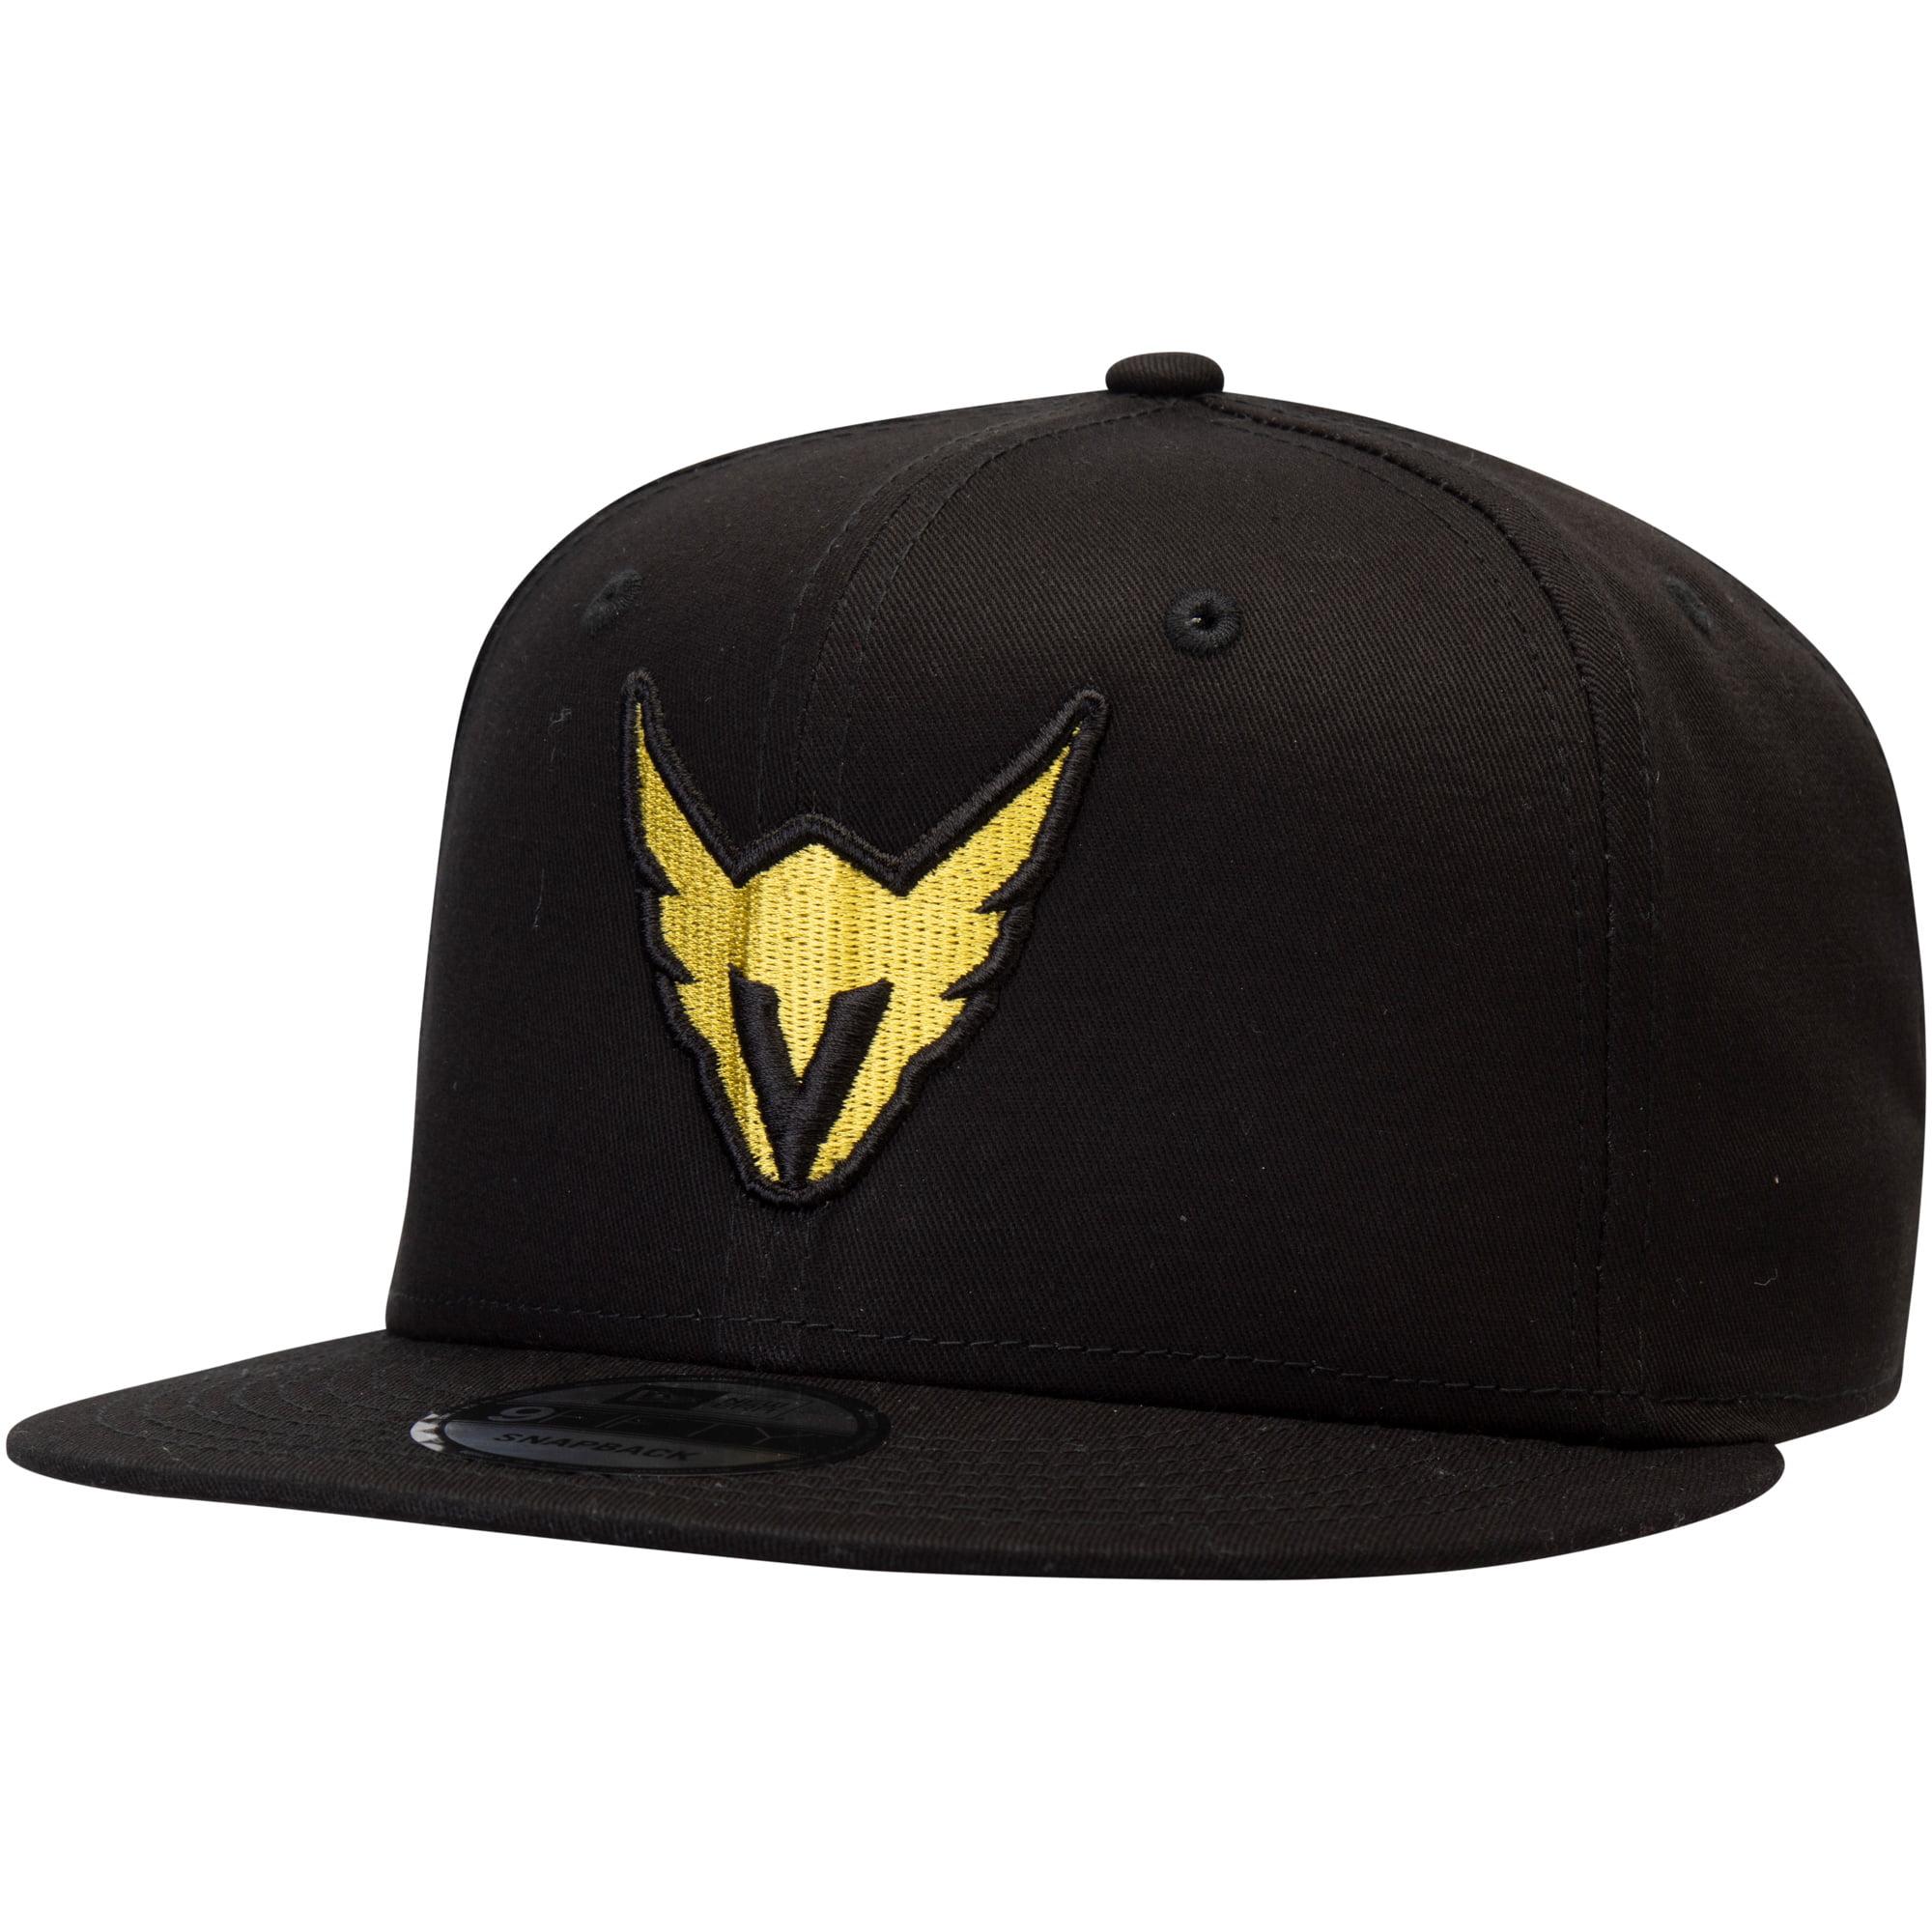 Los Angeles Valiant Overwatch League New Era Solid Team Adjustable Snapback Hat - Black - OSFA